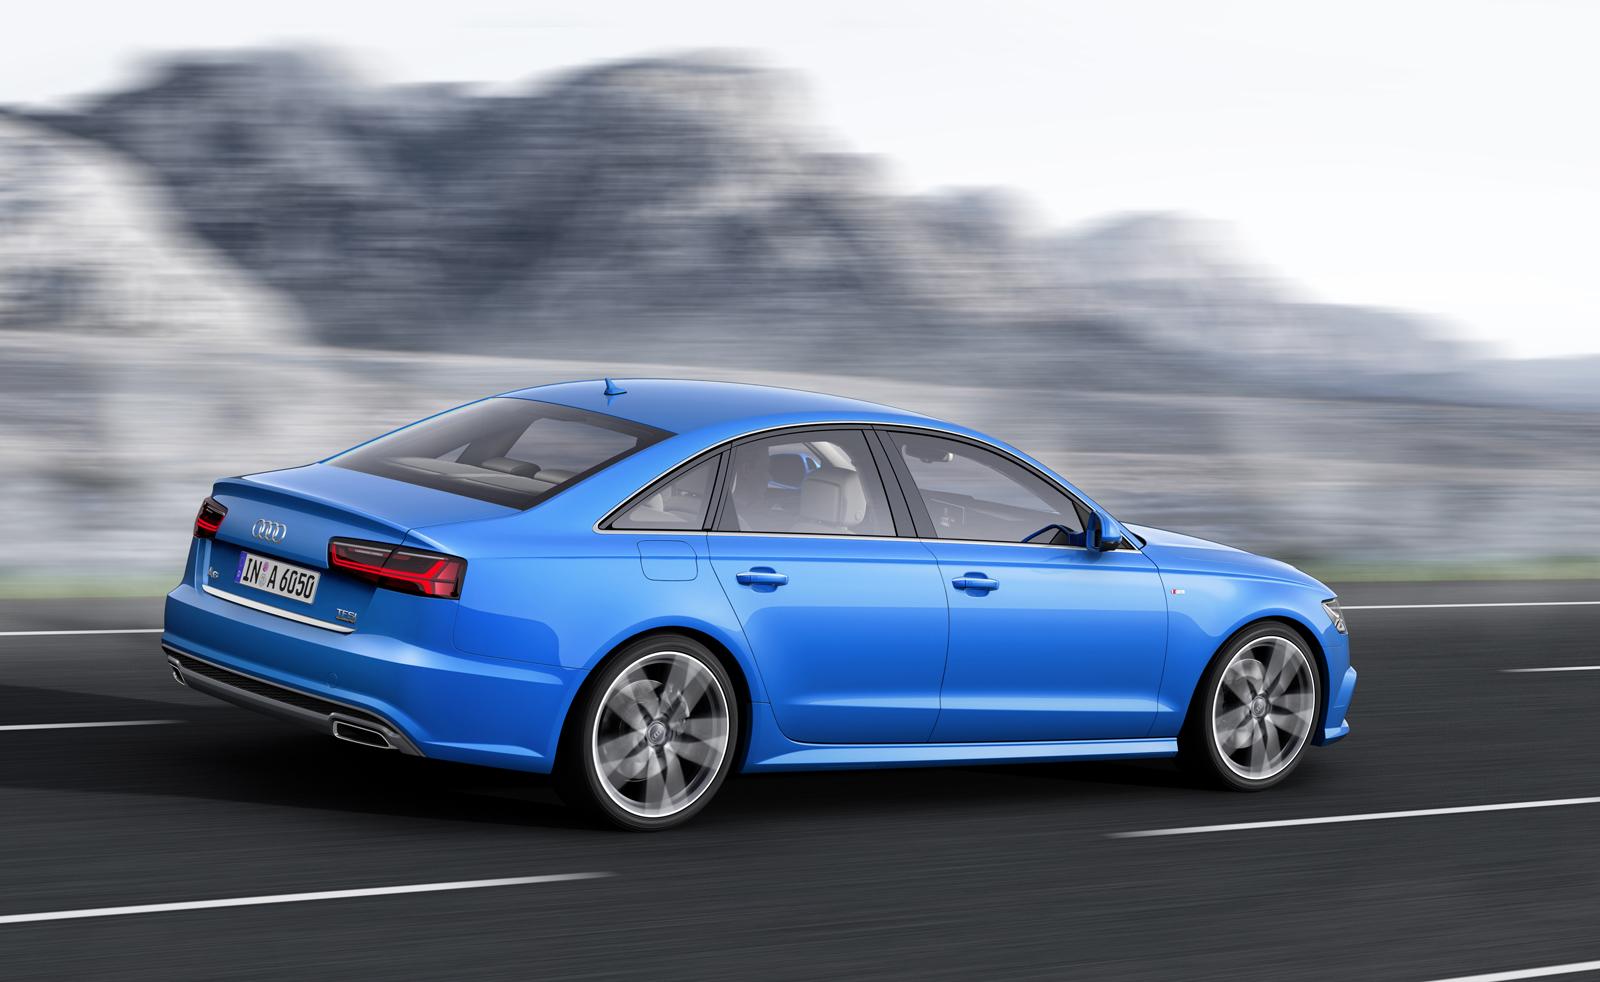 Фото | Синяя Audi A6 рестайлинг 2016 года